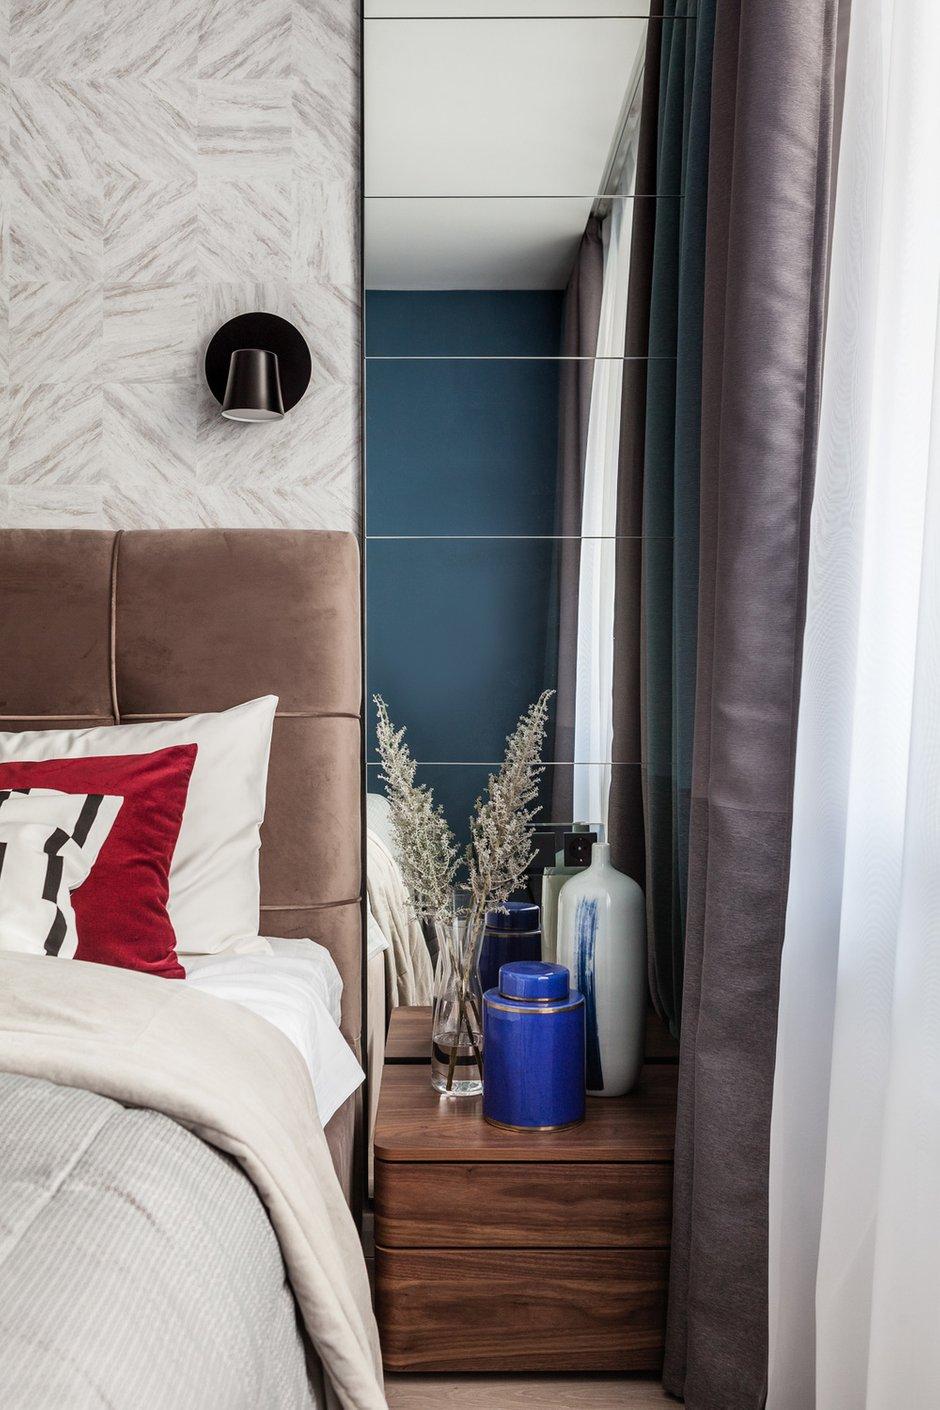 Фотография: Спальня в стиле Современный, Квартира, Проект недели, Москва, 2 комнаты, 40-60 метров, Юлия Беляева, YU design, Юлия Галкина – фото на INMYROOM